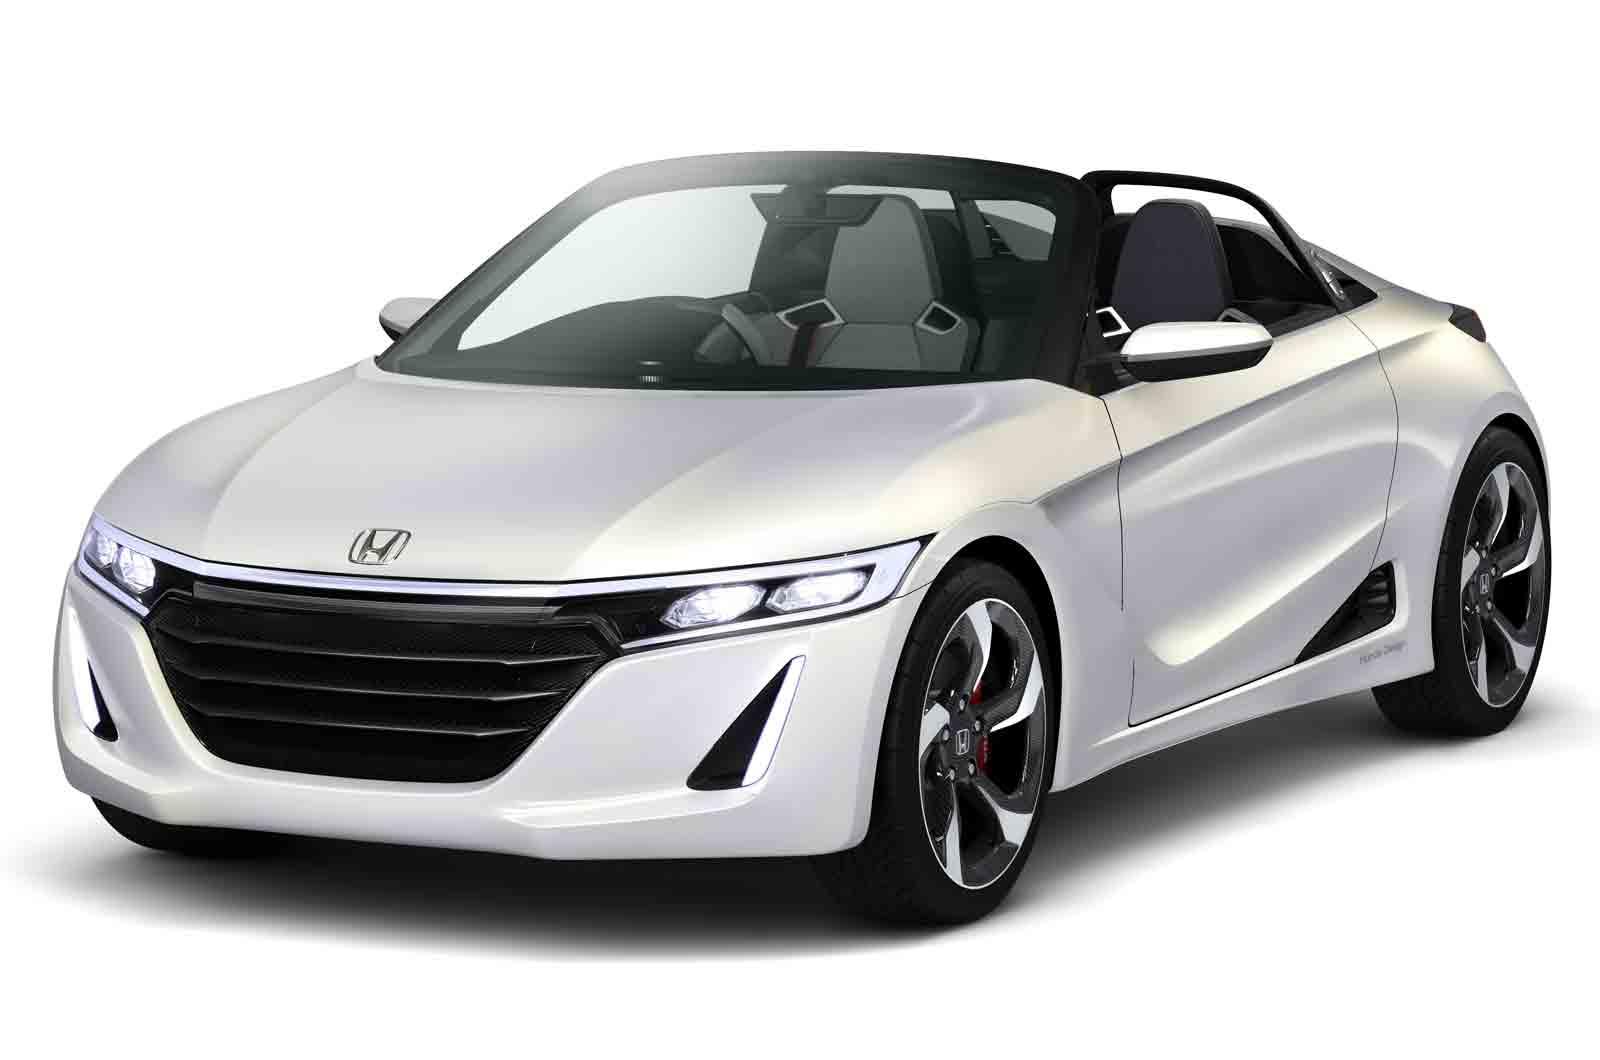 Honda S660 Concept Car Revealed Autocar India